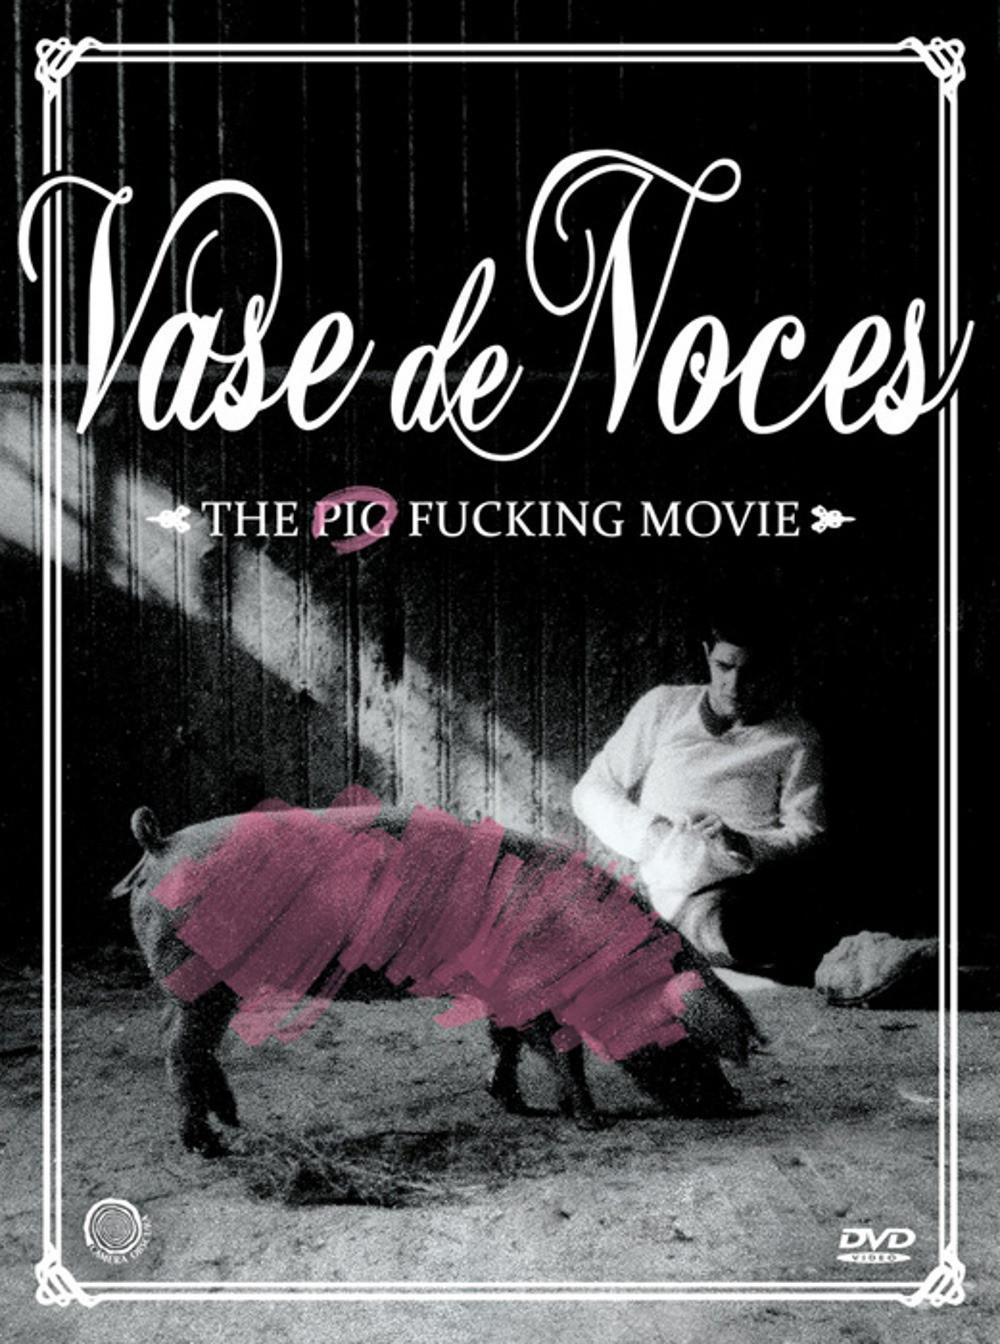 couv_vase-de-noces